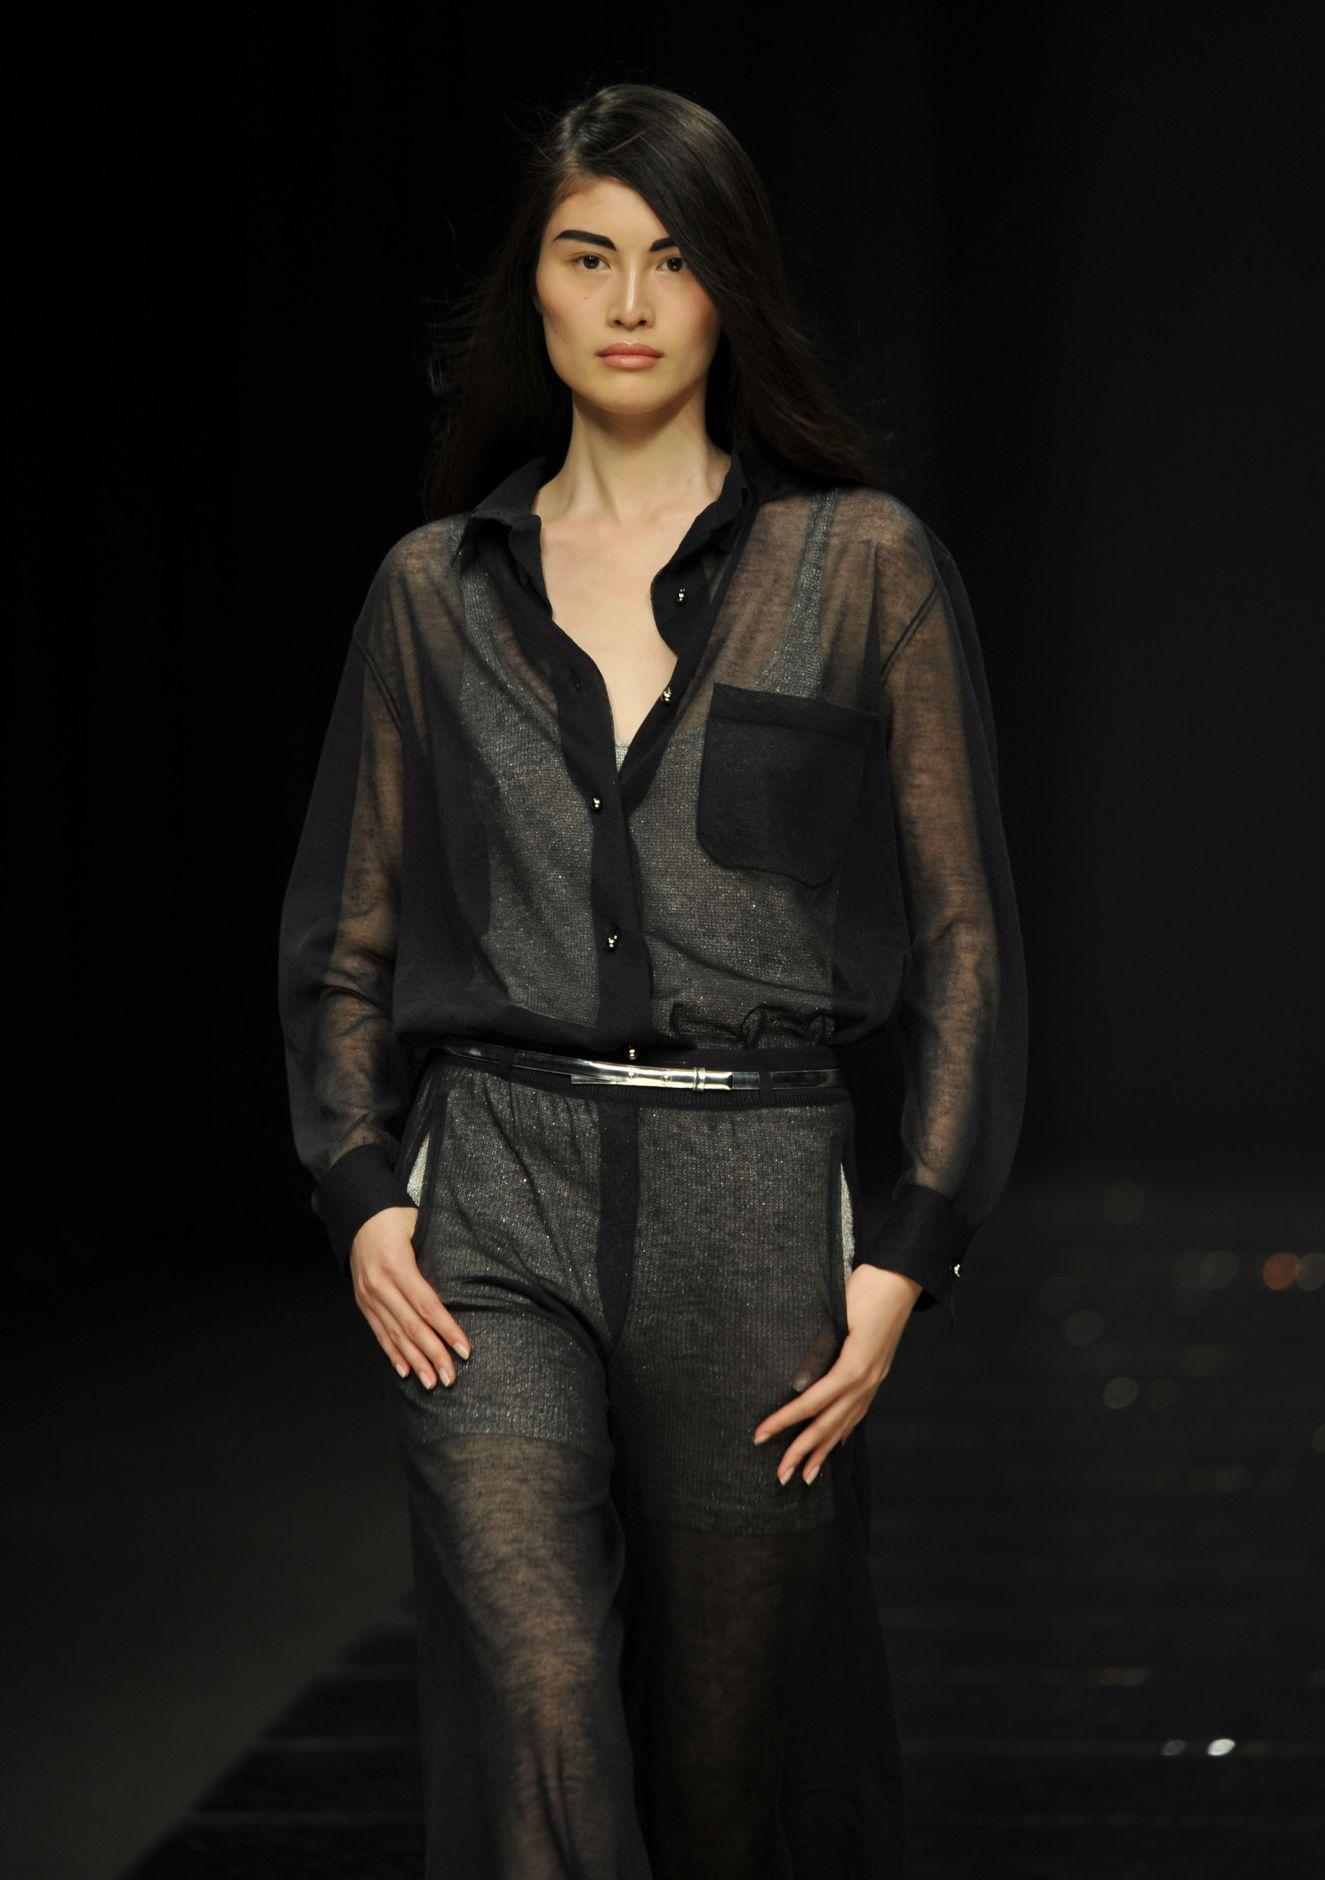 Anteprima Summer 2013 Collection Milan Fashion Week